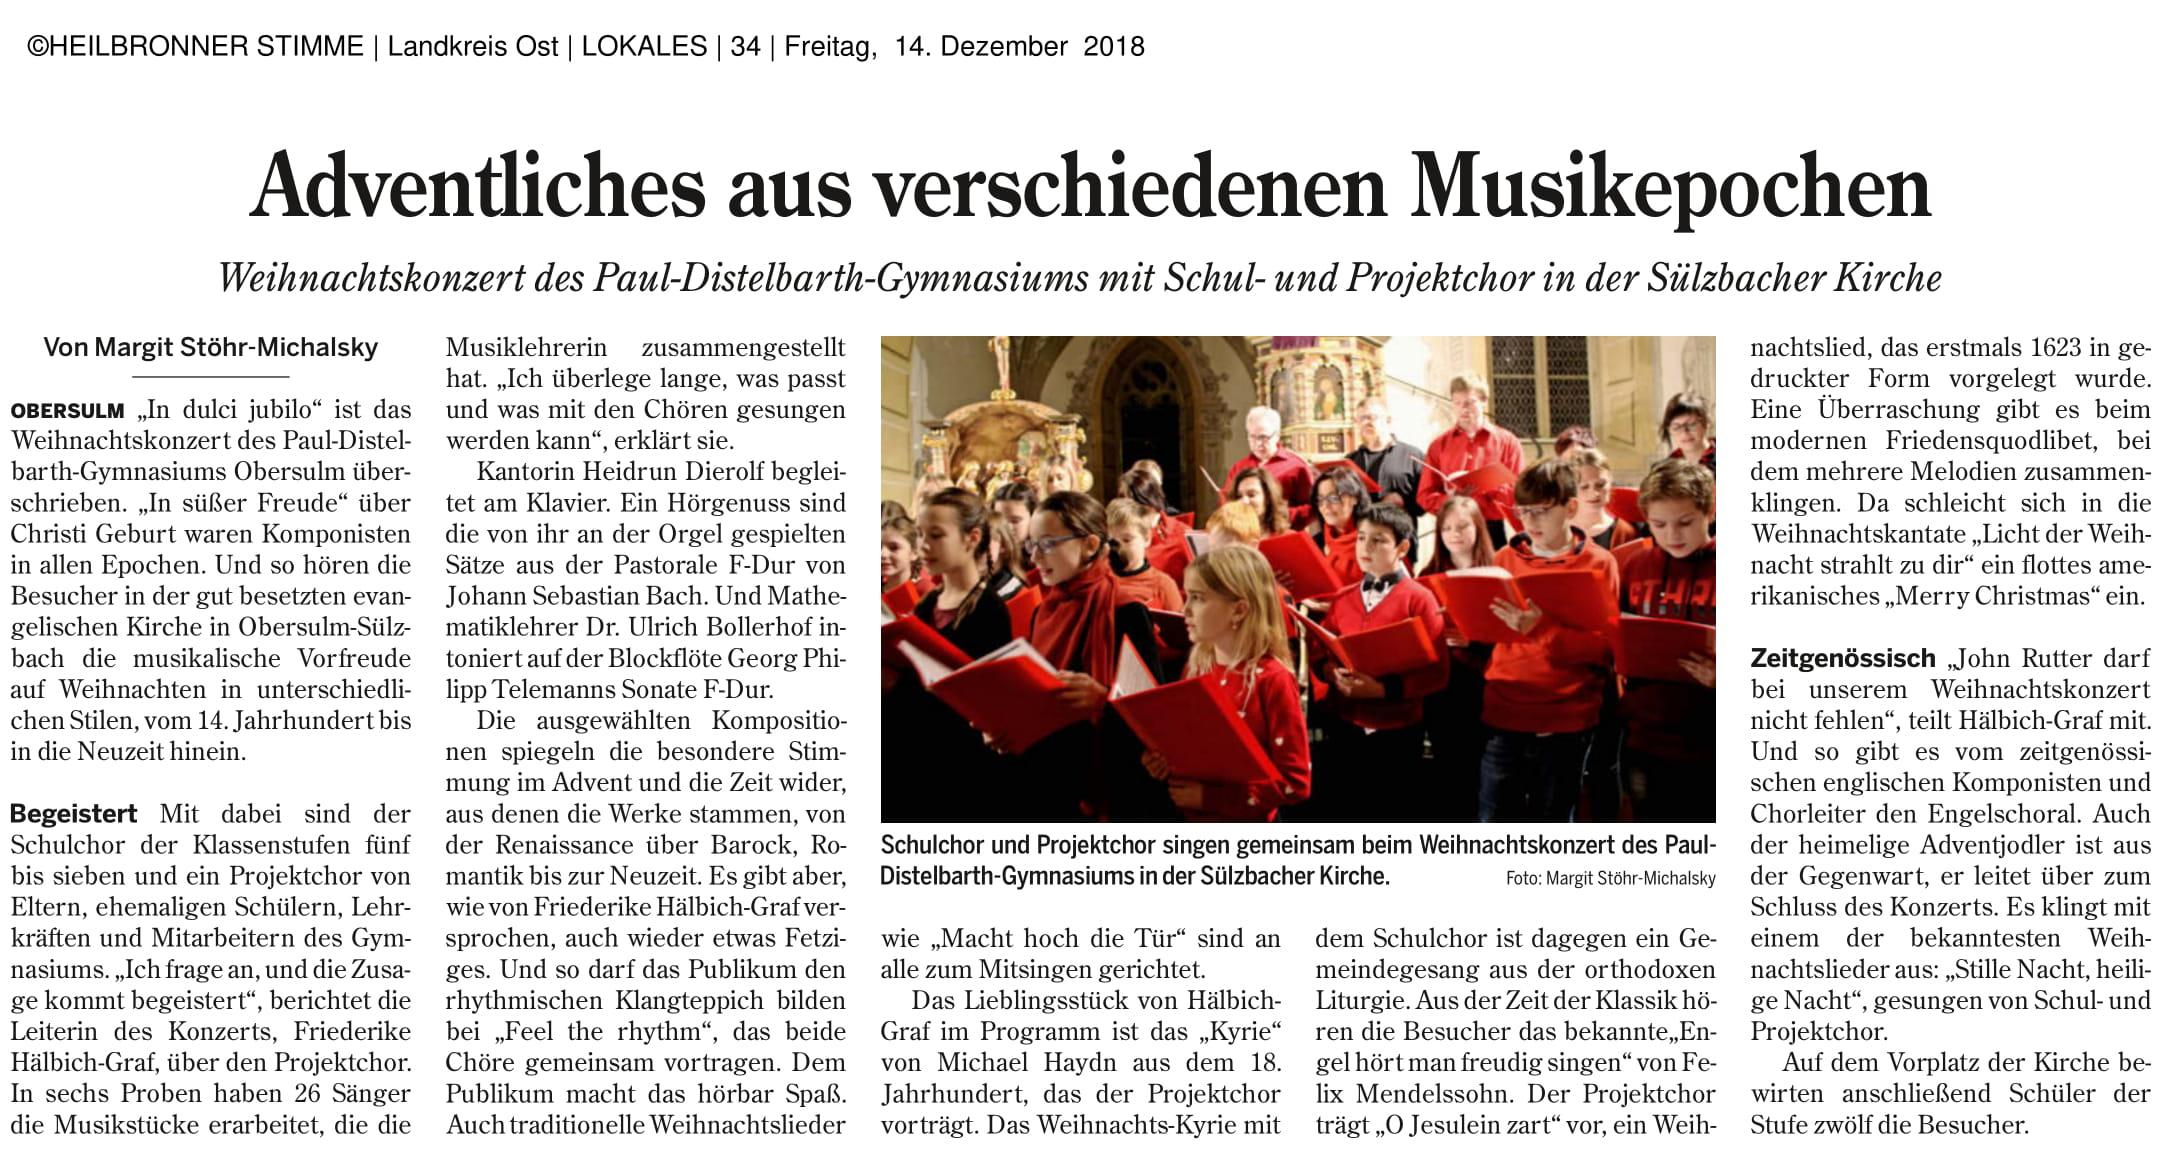 Weihnachtskonzert Artikel mit freundlicher Genehmigung der Heilbronner Stimme